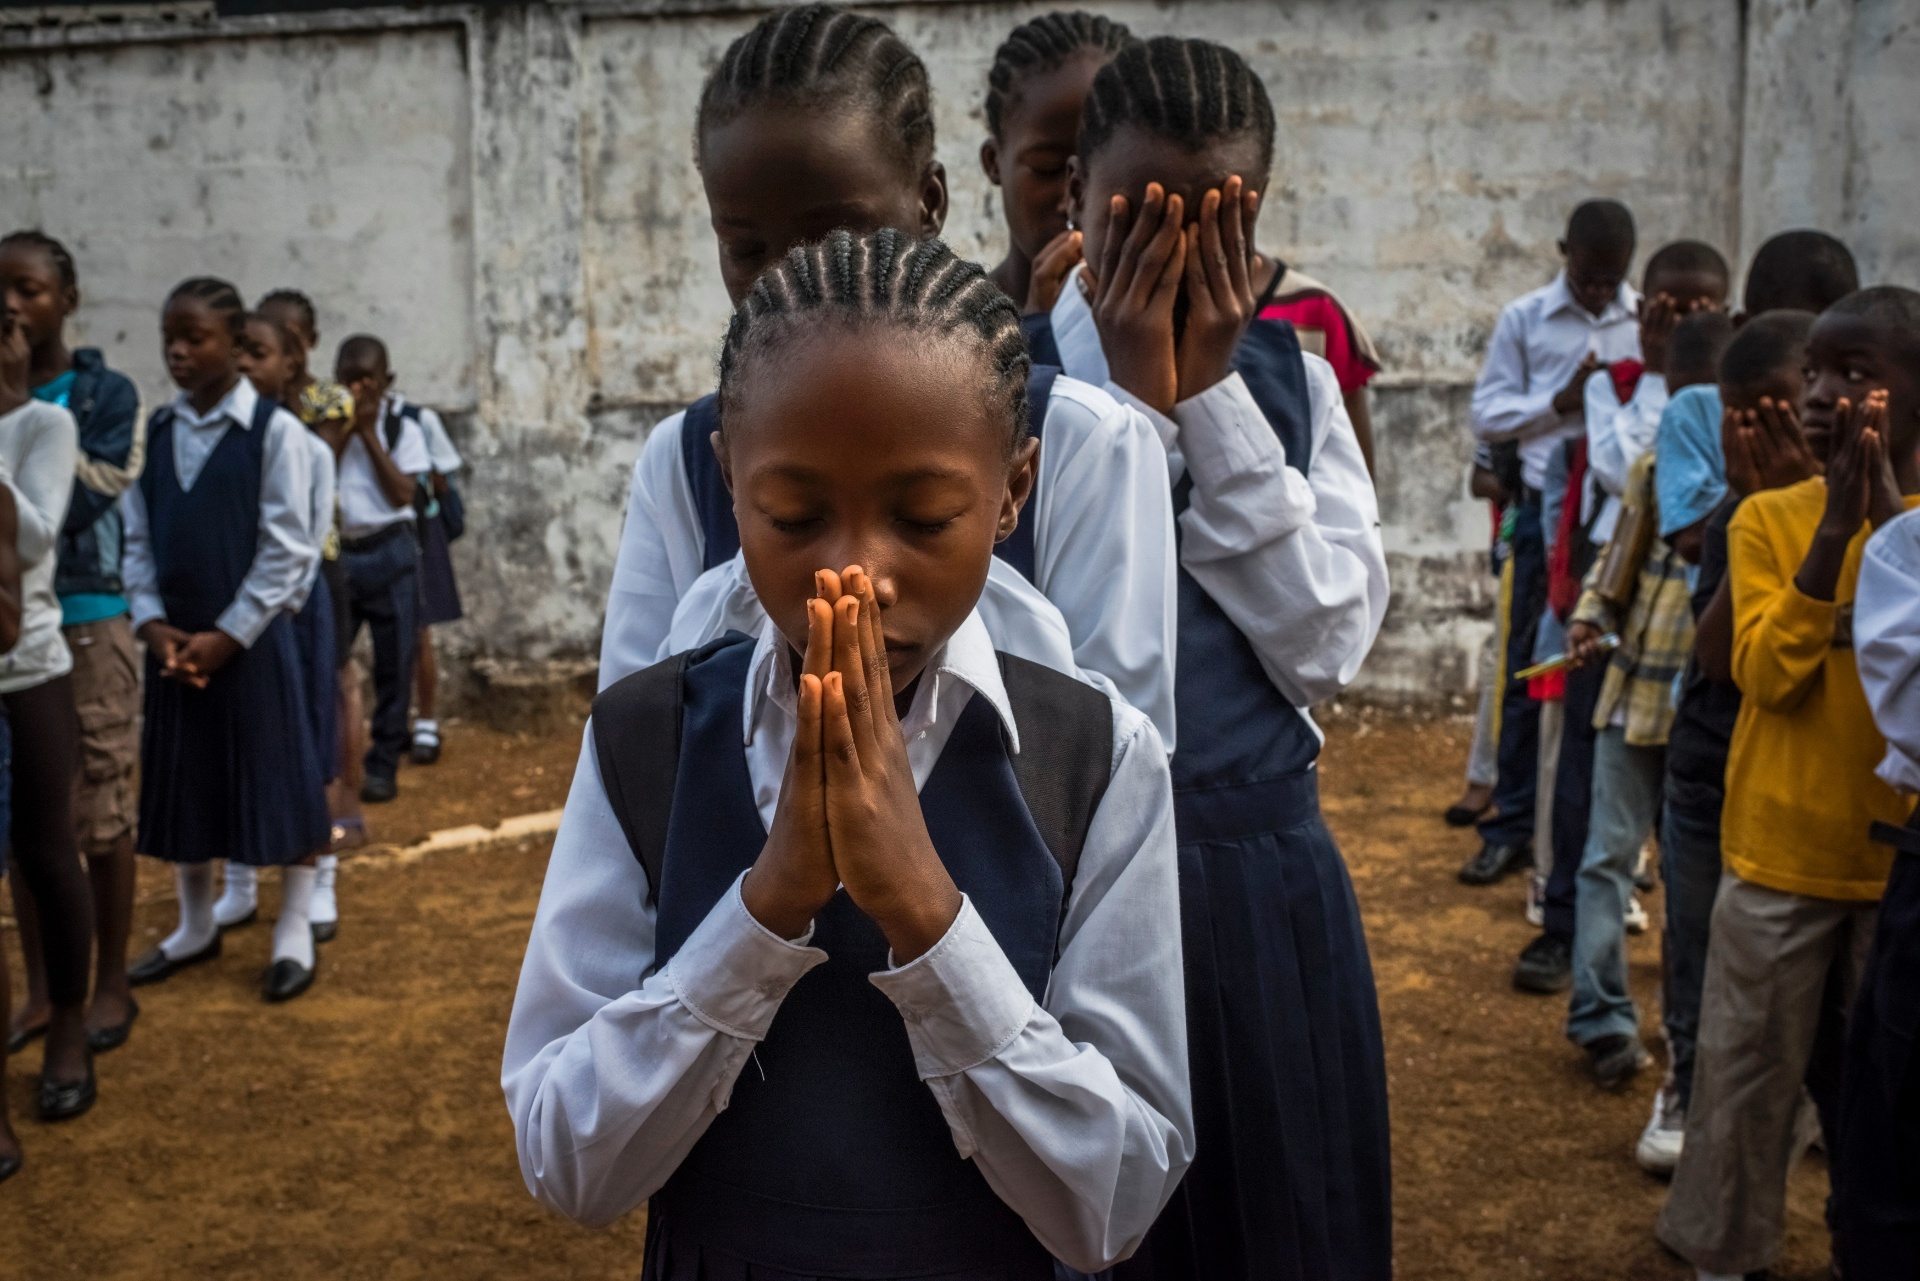 4.mar.2015 -Alunos rezam durante cerimônia na reabertura da escola de ensino fundamental C.D.B King, em Monrovia, na Libéria. A escola ficou mais de oito meses fechada devido a um surto de ebola no país